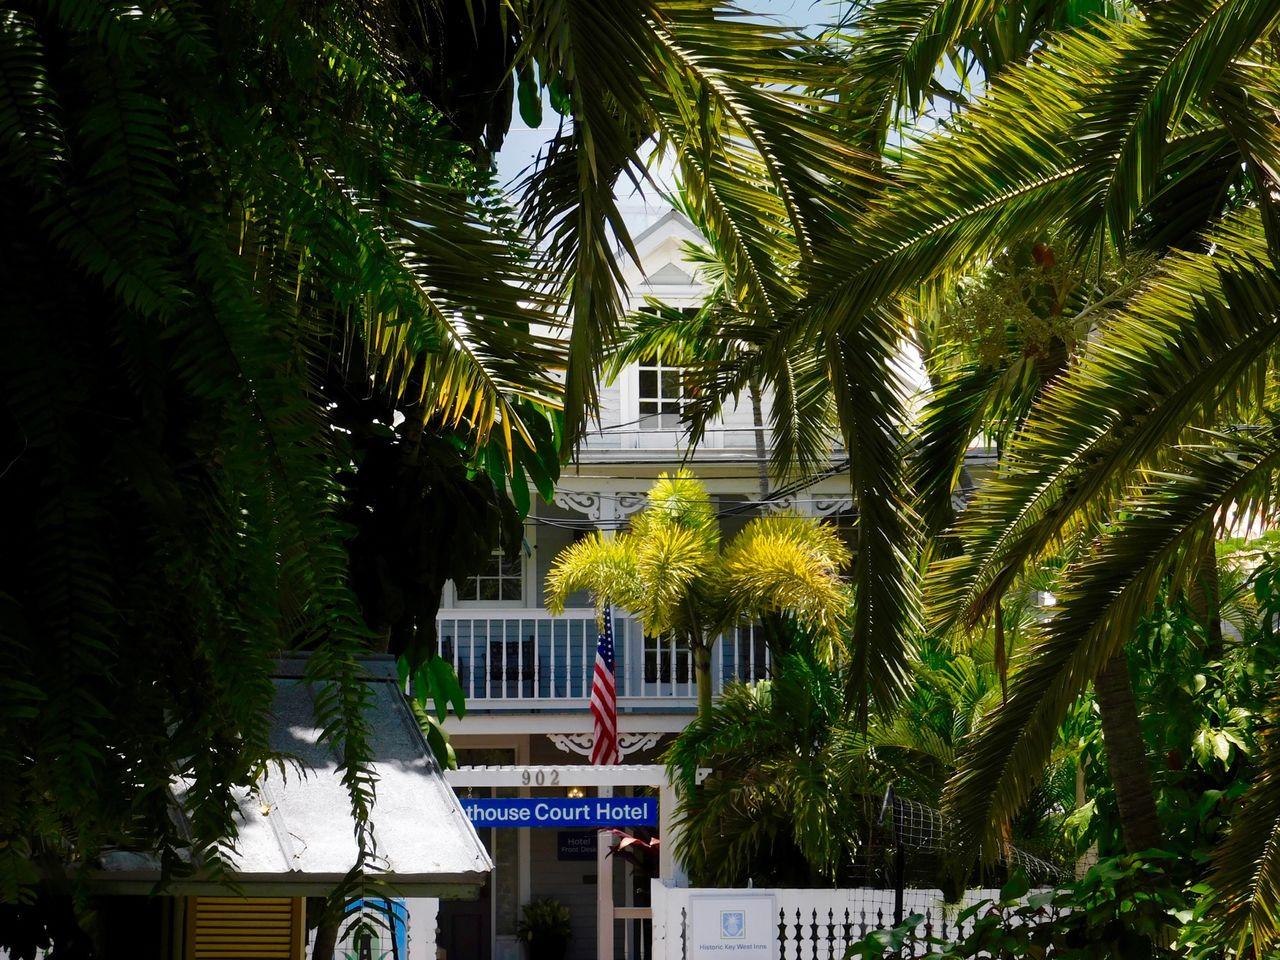 Hemingway House Key West 4855 Le Courrier De Floride